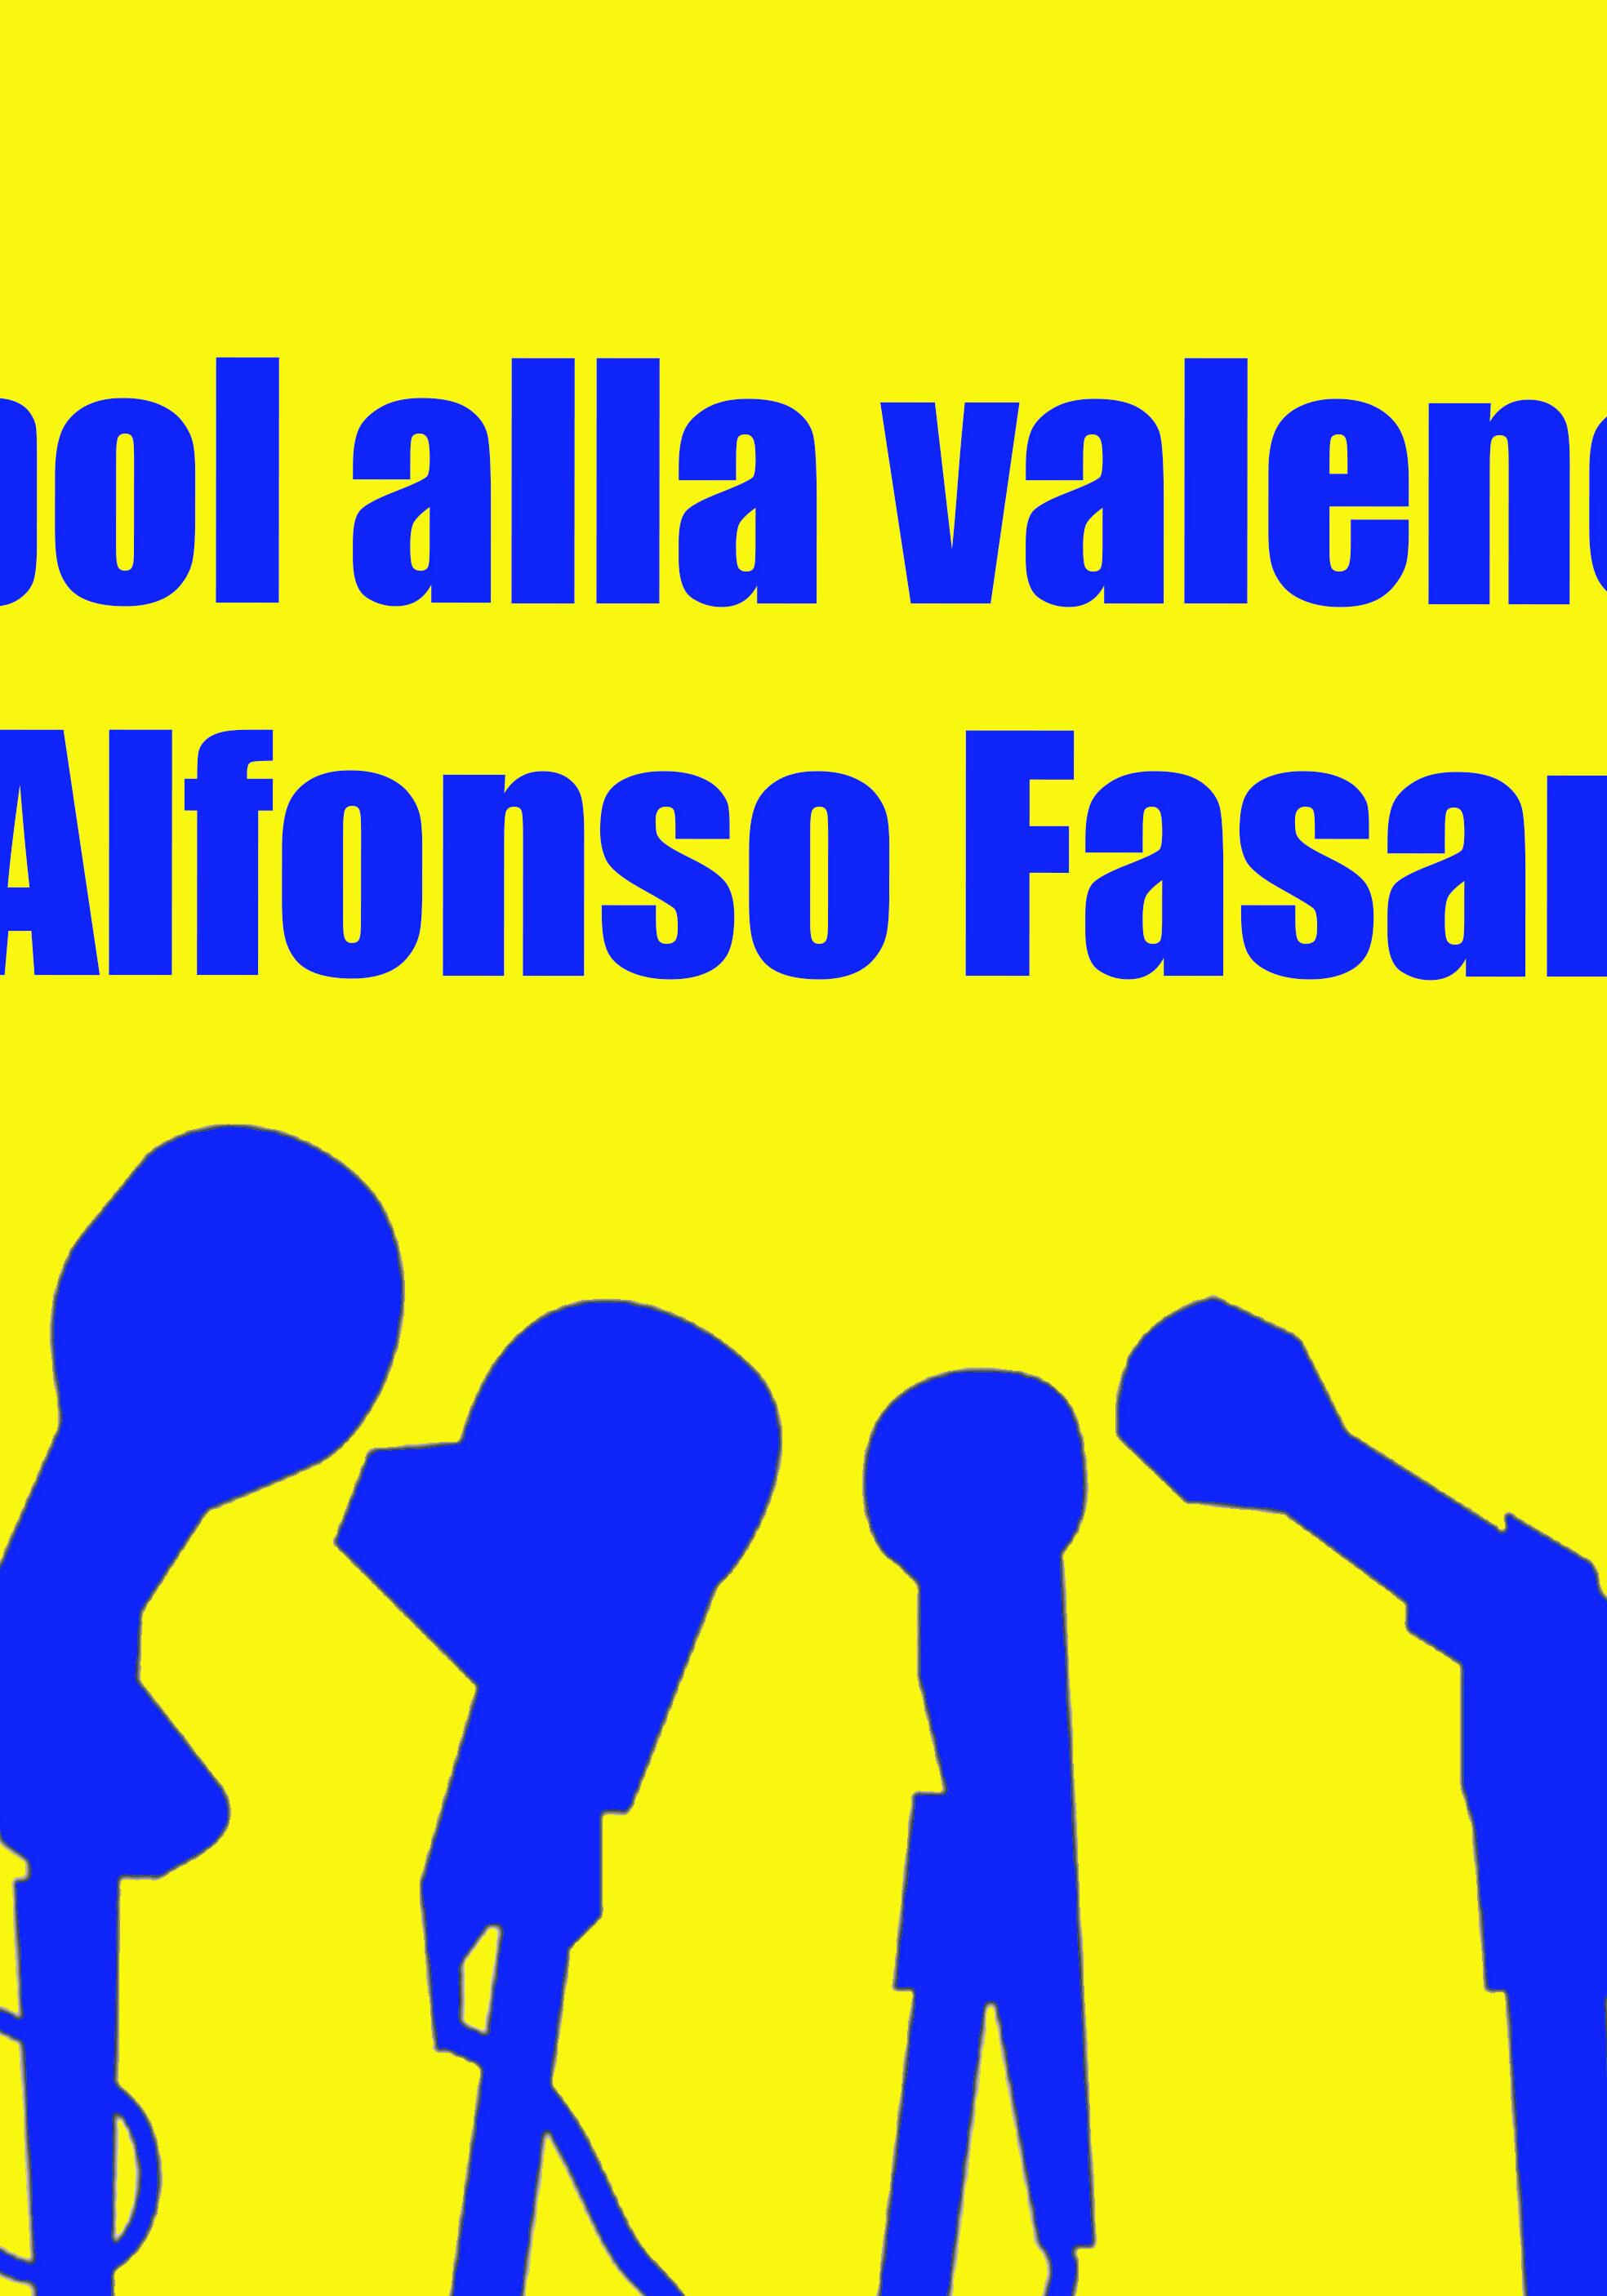 INTERVISTA ALFONSO FASANO